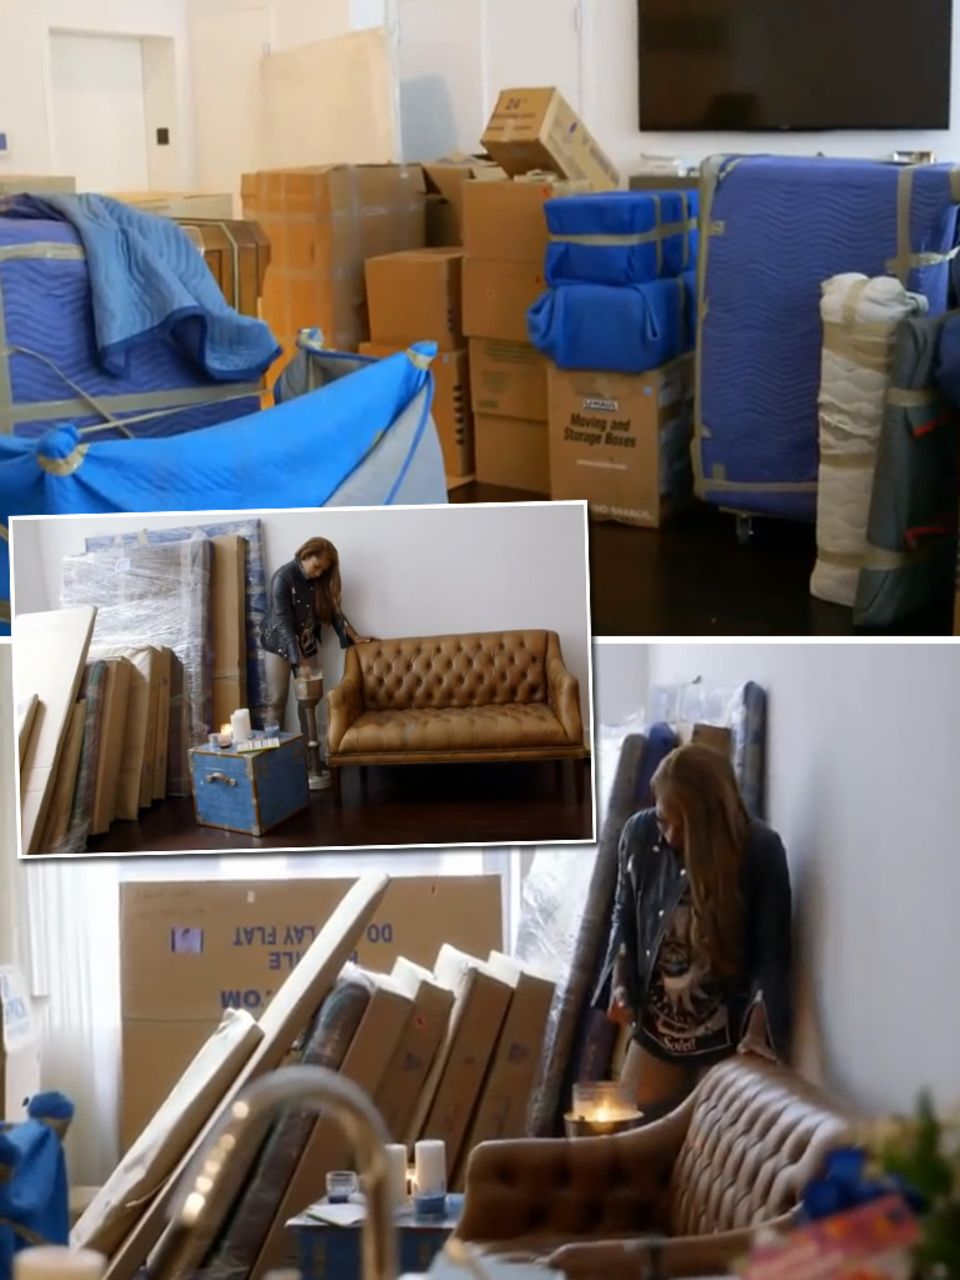 """In der Dokumentation des """"Oprah Winfrey Networks"""" bekommt man einen Überblick über die gewaltige Menge von Lindsay Lohans Besitztümern. Verpackt in Kartons stapeln sich hier Möbel, Kunstwerke und Kleider."""